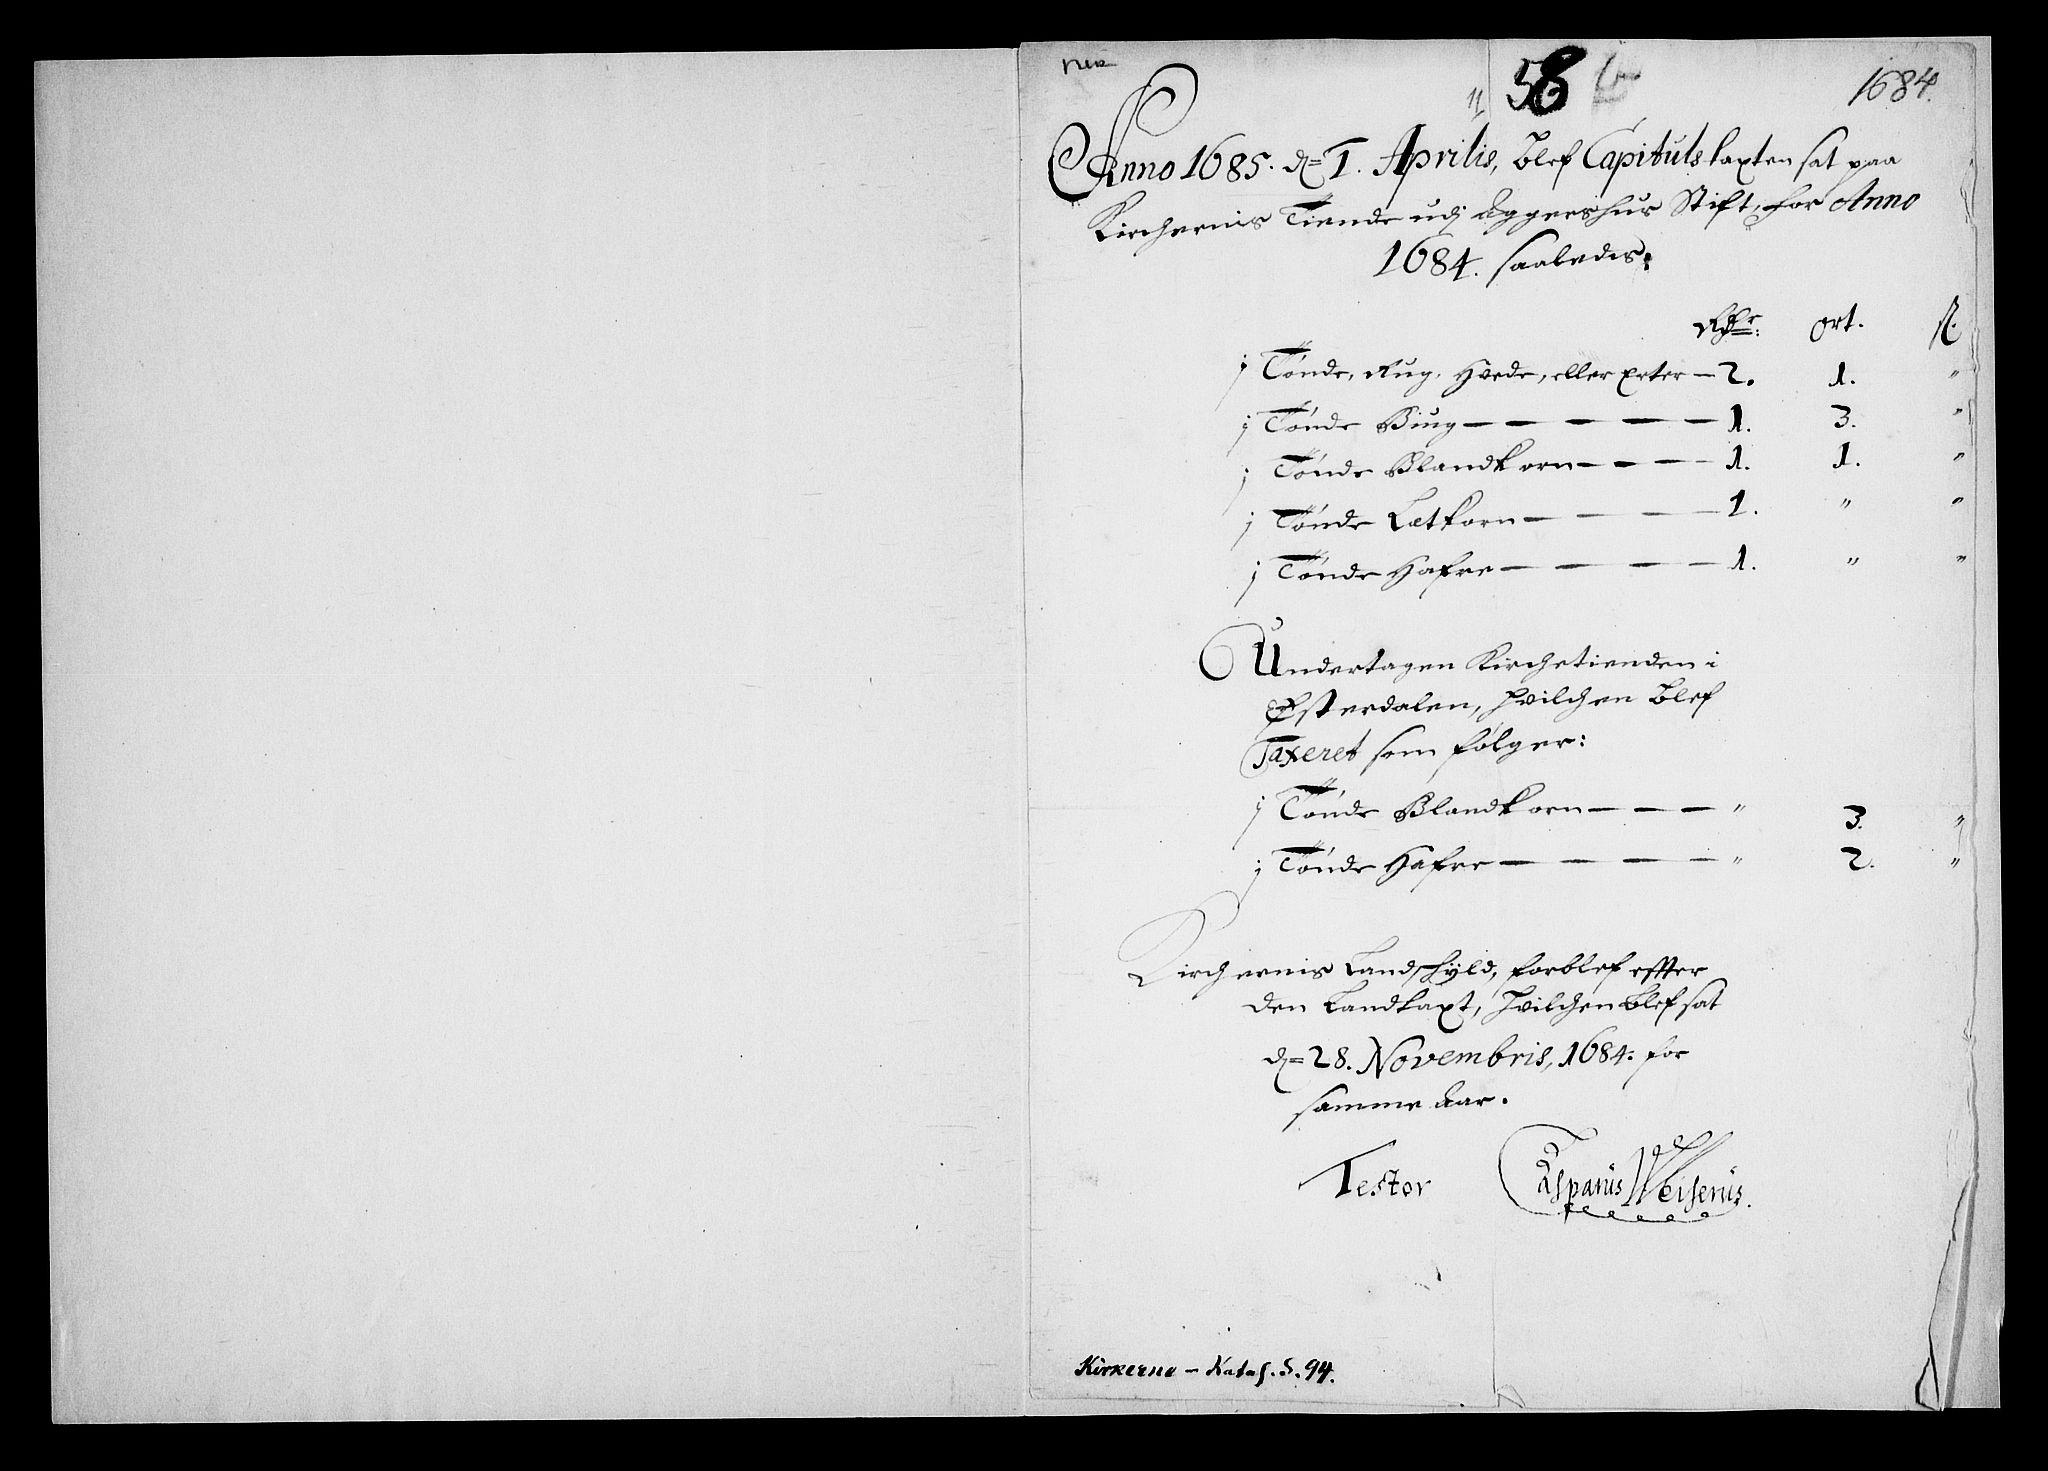 RA, Danske Kanselli, Skapsaker, G/L0019: Tillegg til skapsakene, 1616-1753, s. 241